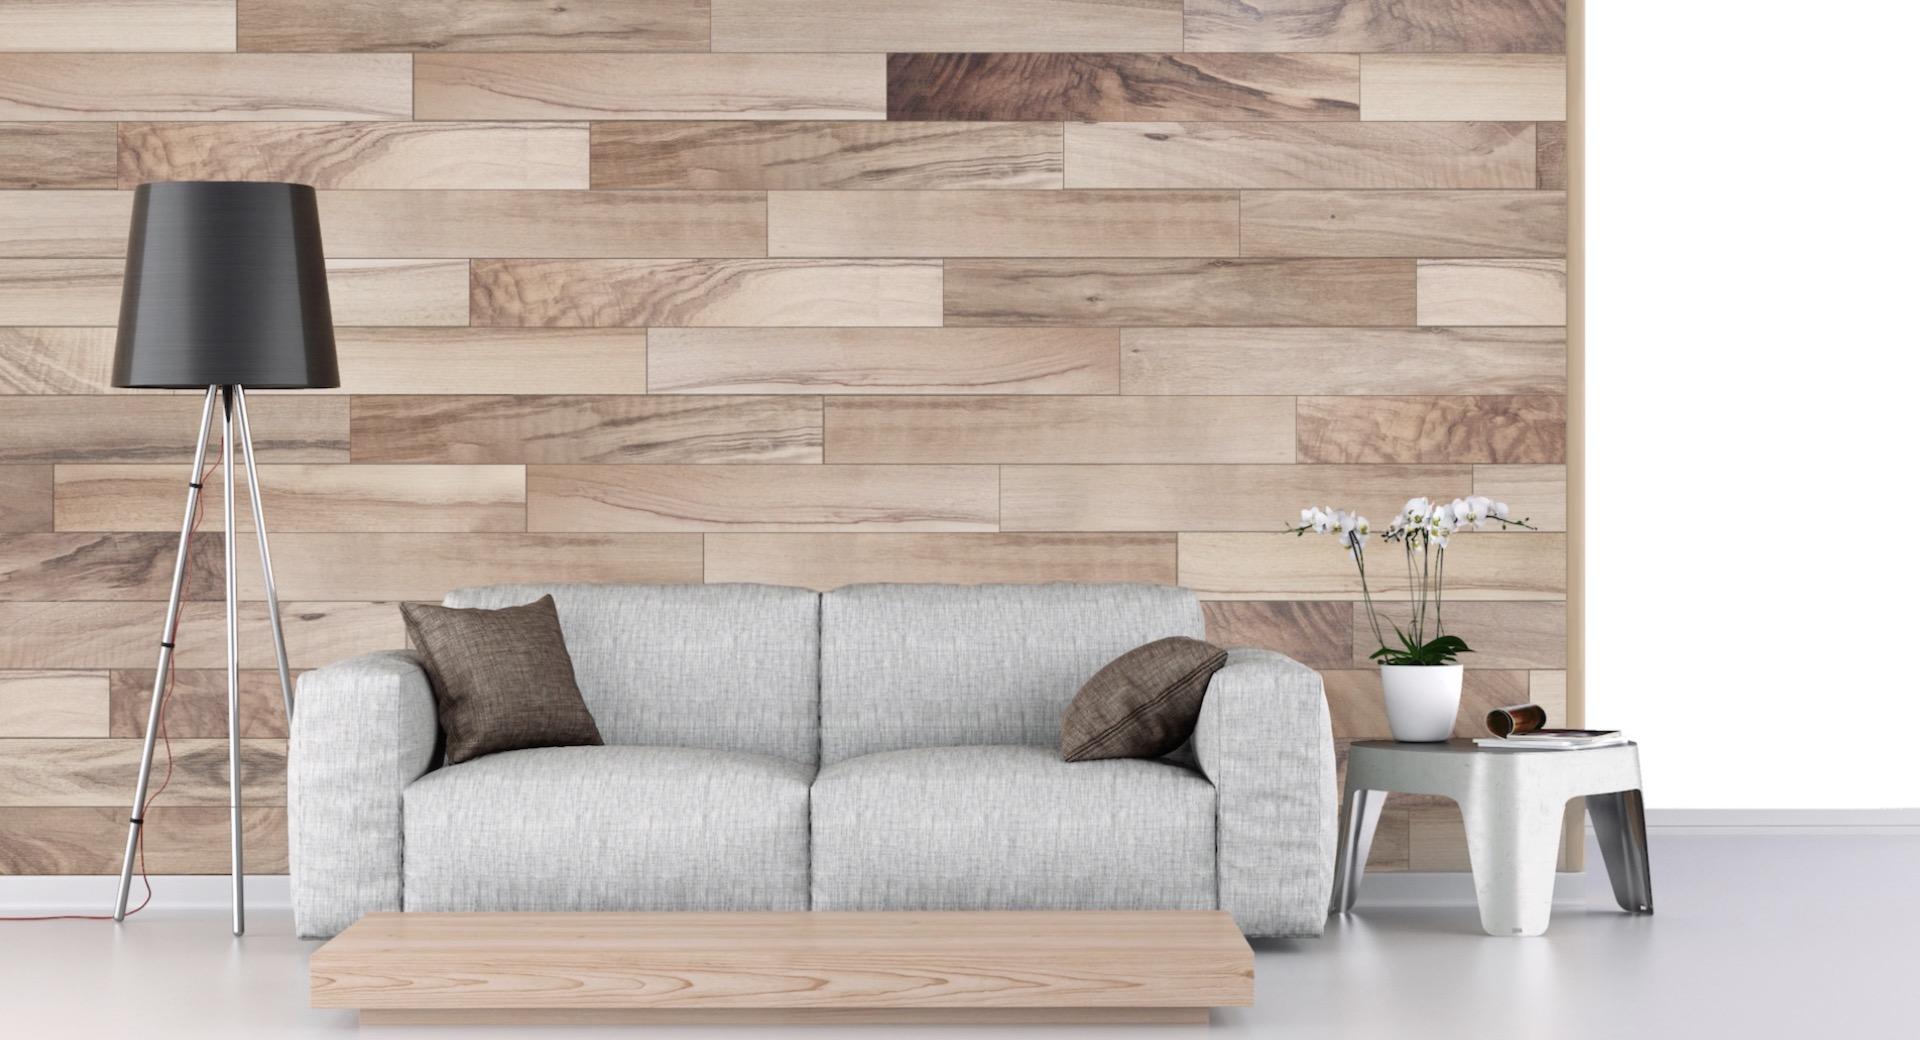 Decoratie Badkamer Muur : Hoe bevestig je laminaat op de muur voordemakers